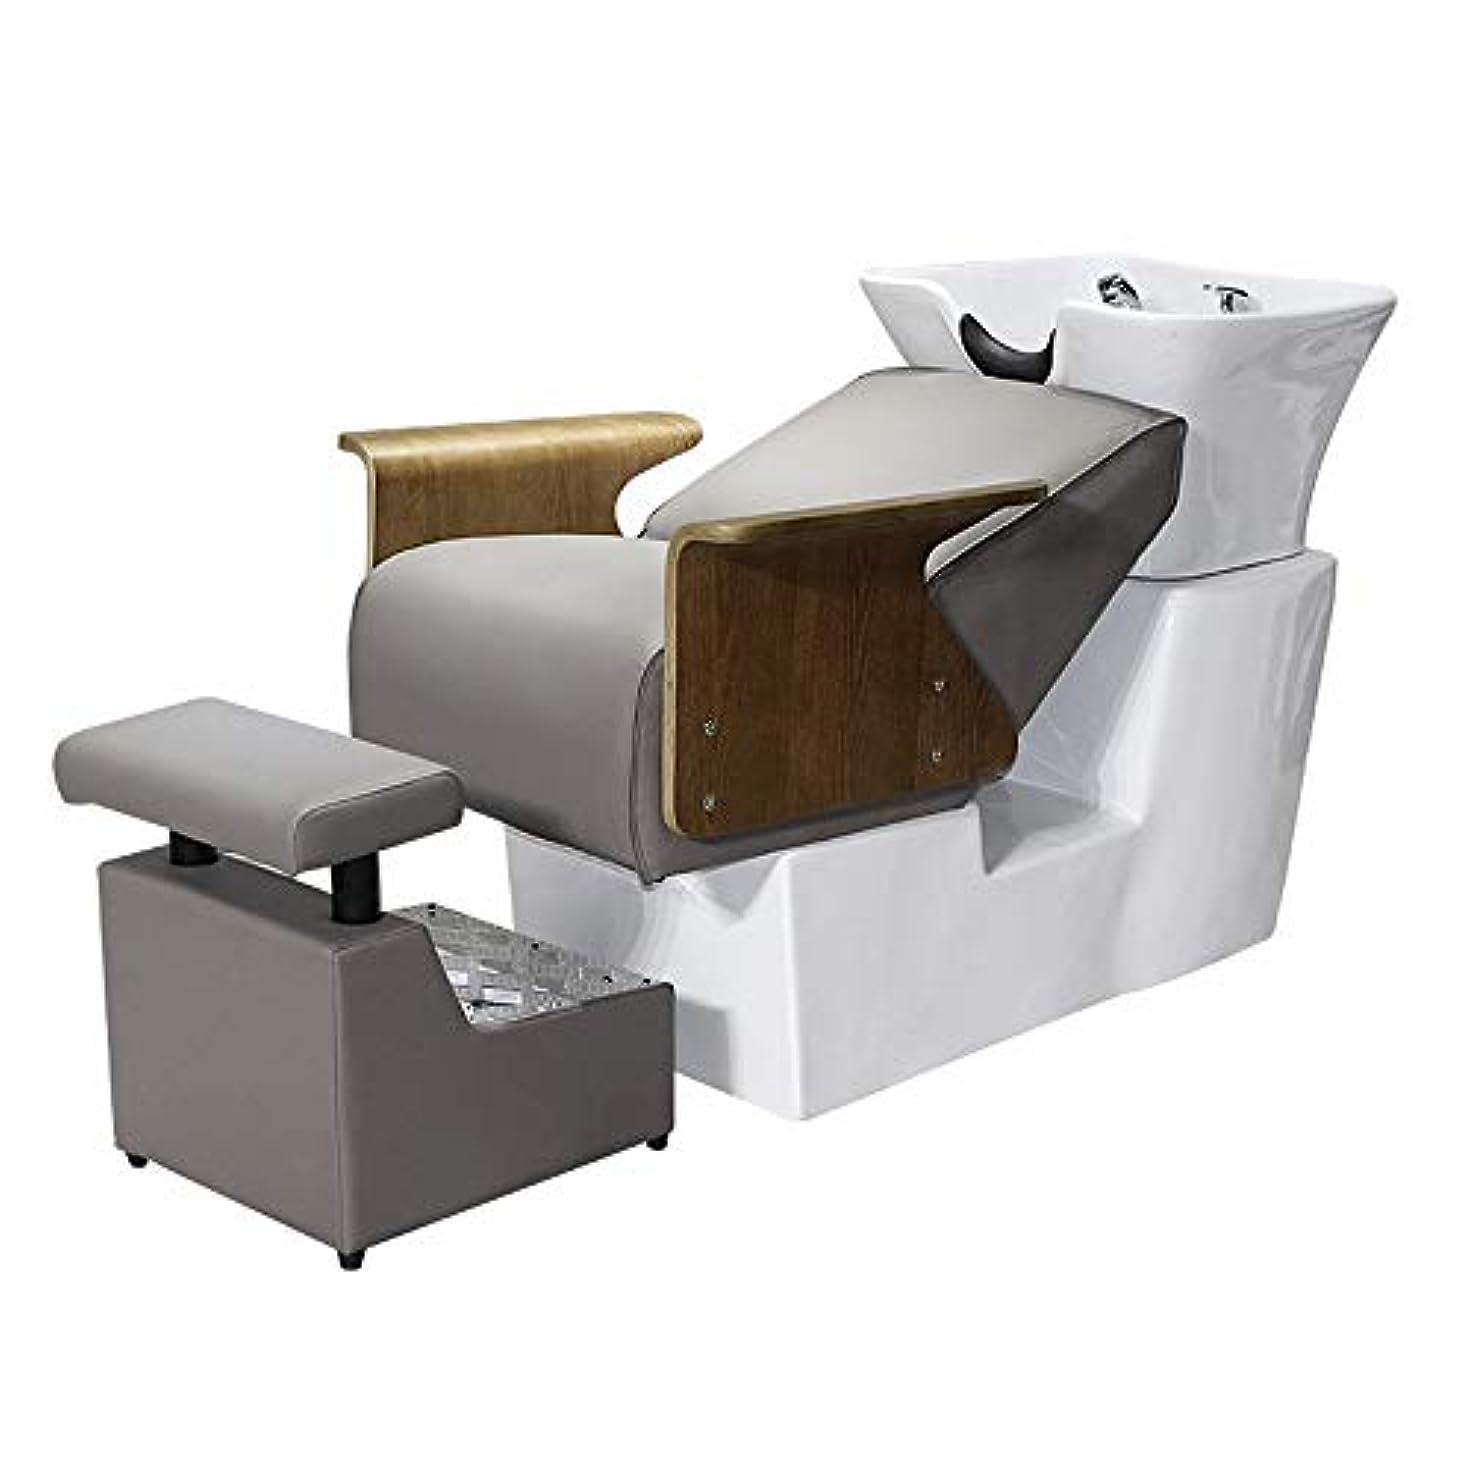 つま先検索エンジンマーケティングディレクトリシャンプーの椅子、陶磁器の洗面器のシャンプーのベッドの逆洗の単位の鉱泉の美容院装置のためのシャンプーボールの理髪の流しの椅子